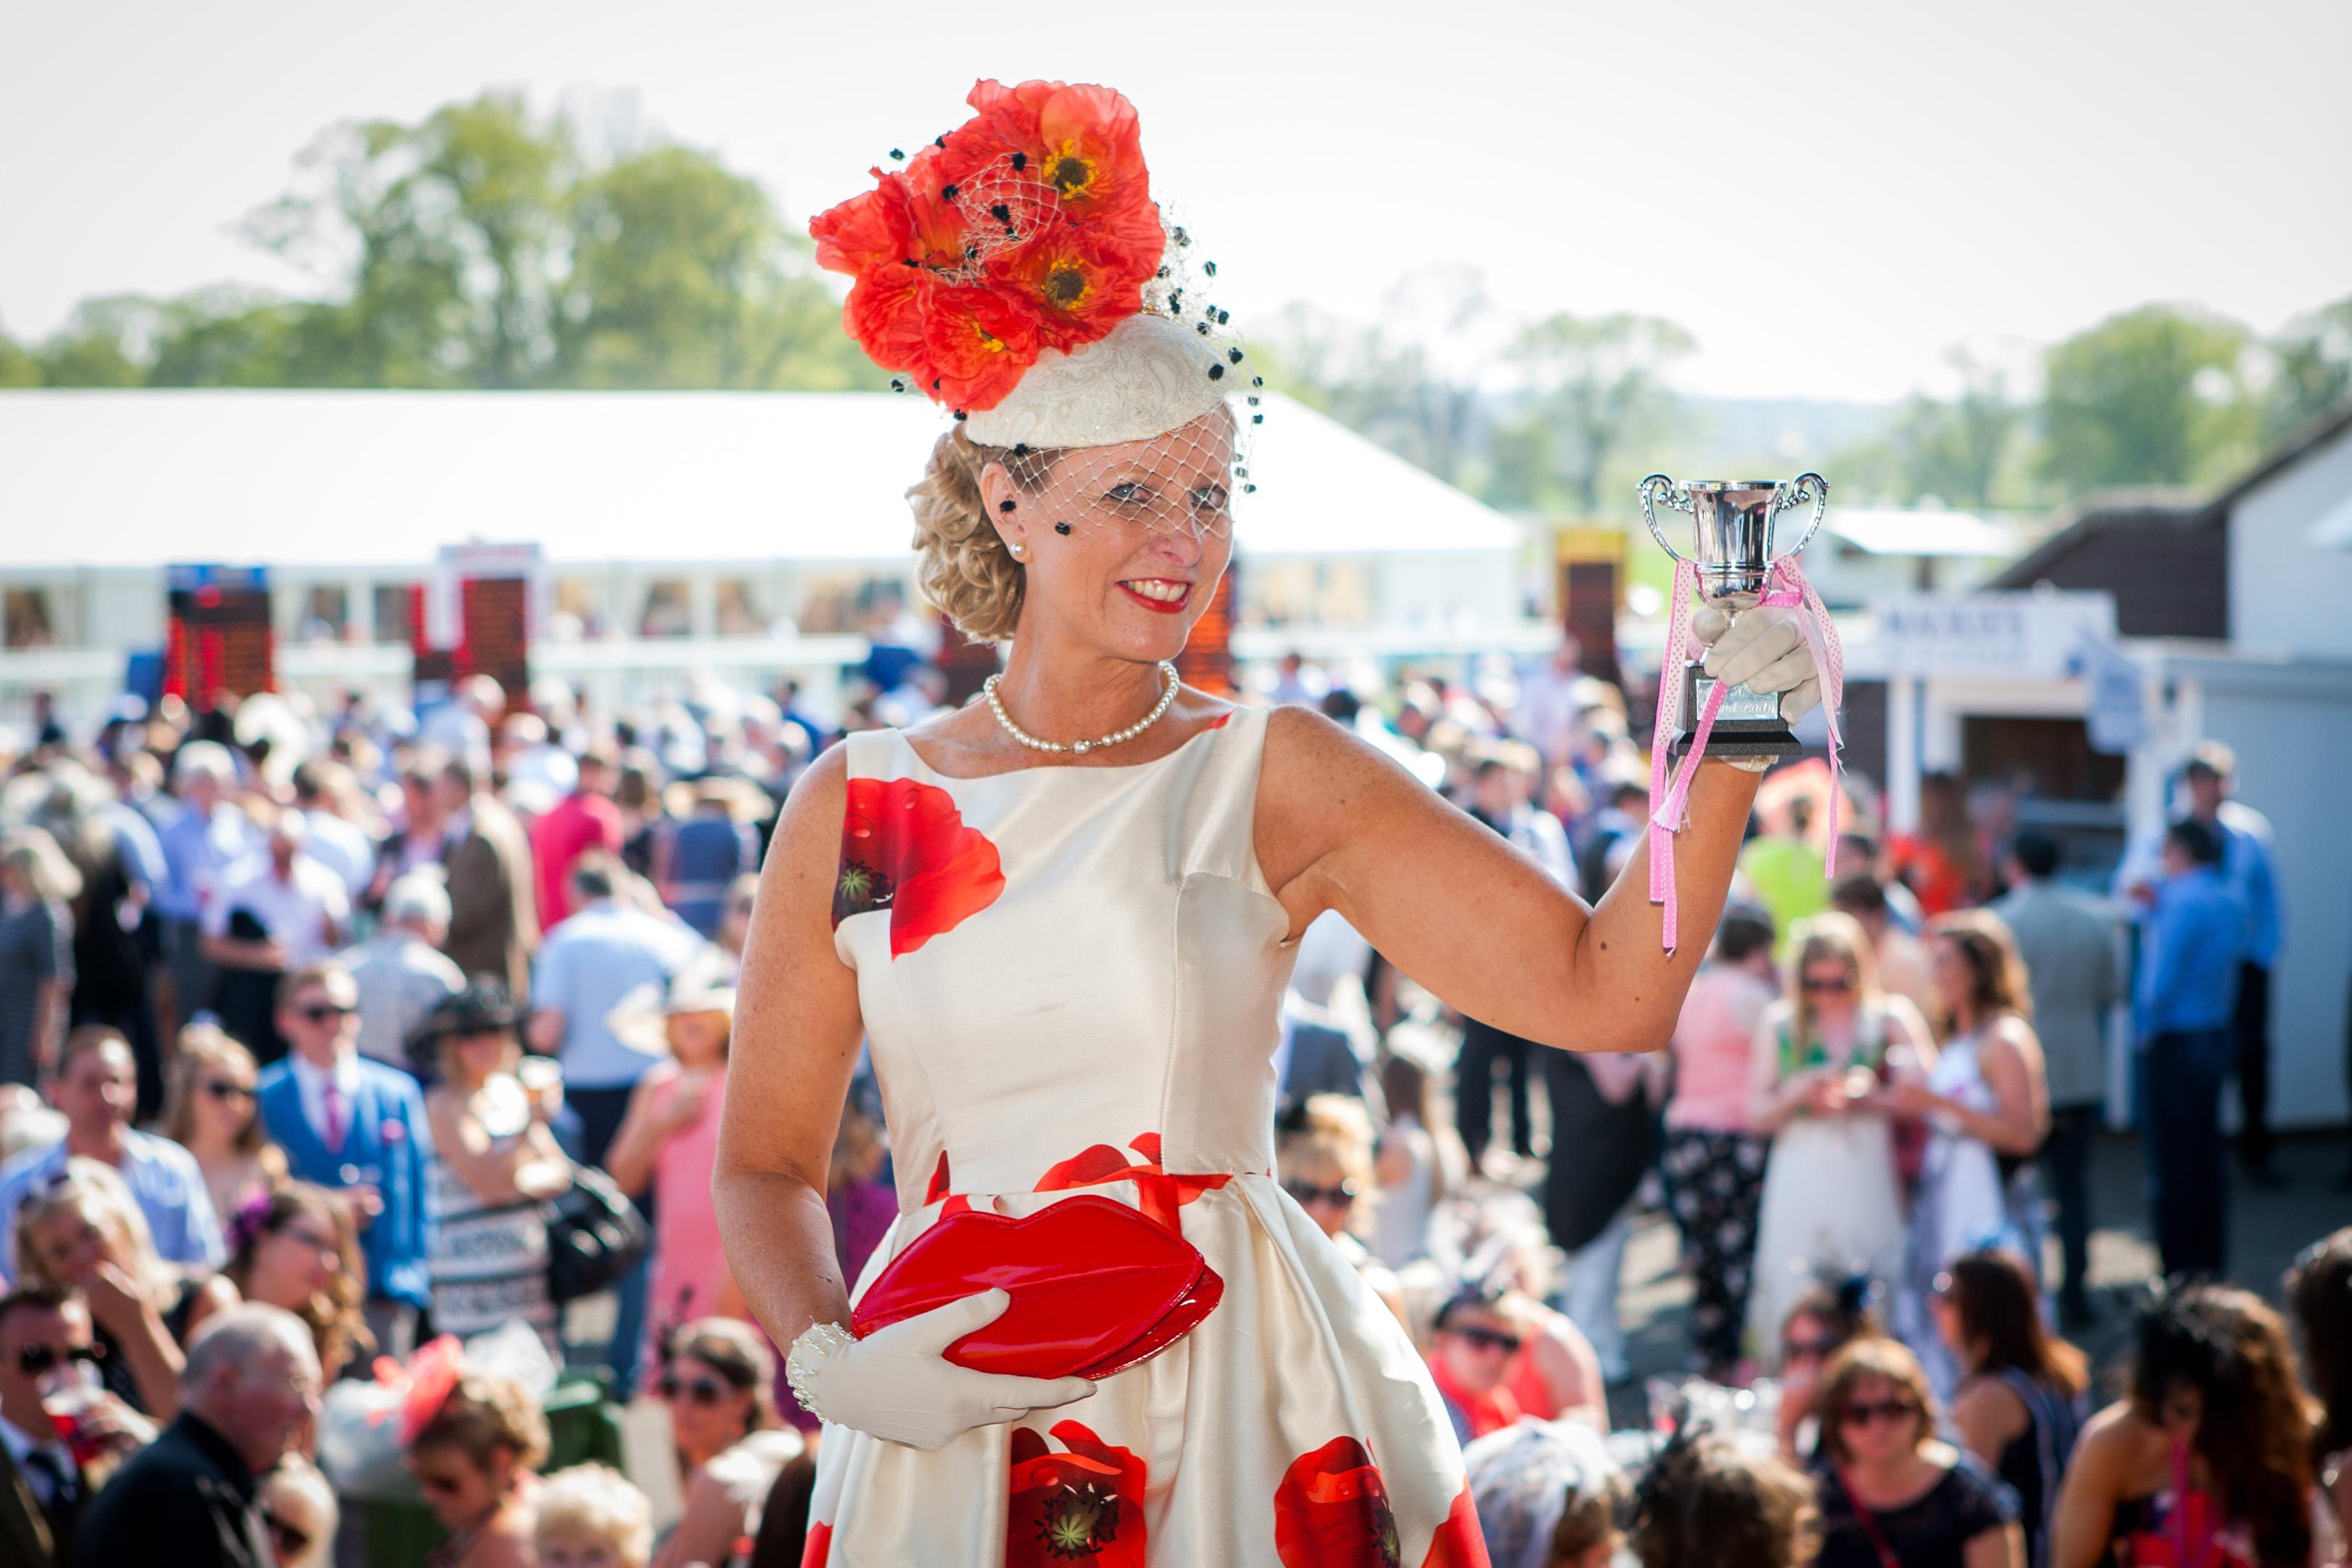 Debbie Grogan was named the best dressed female.